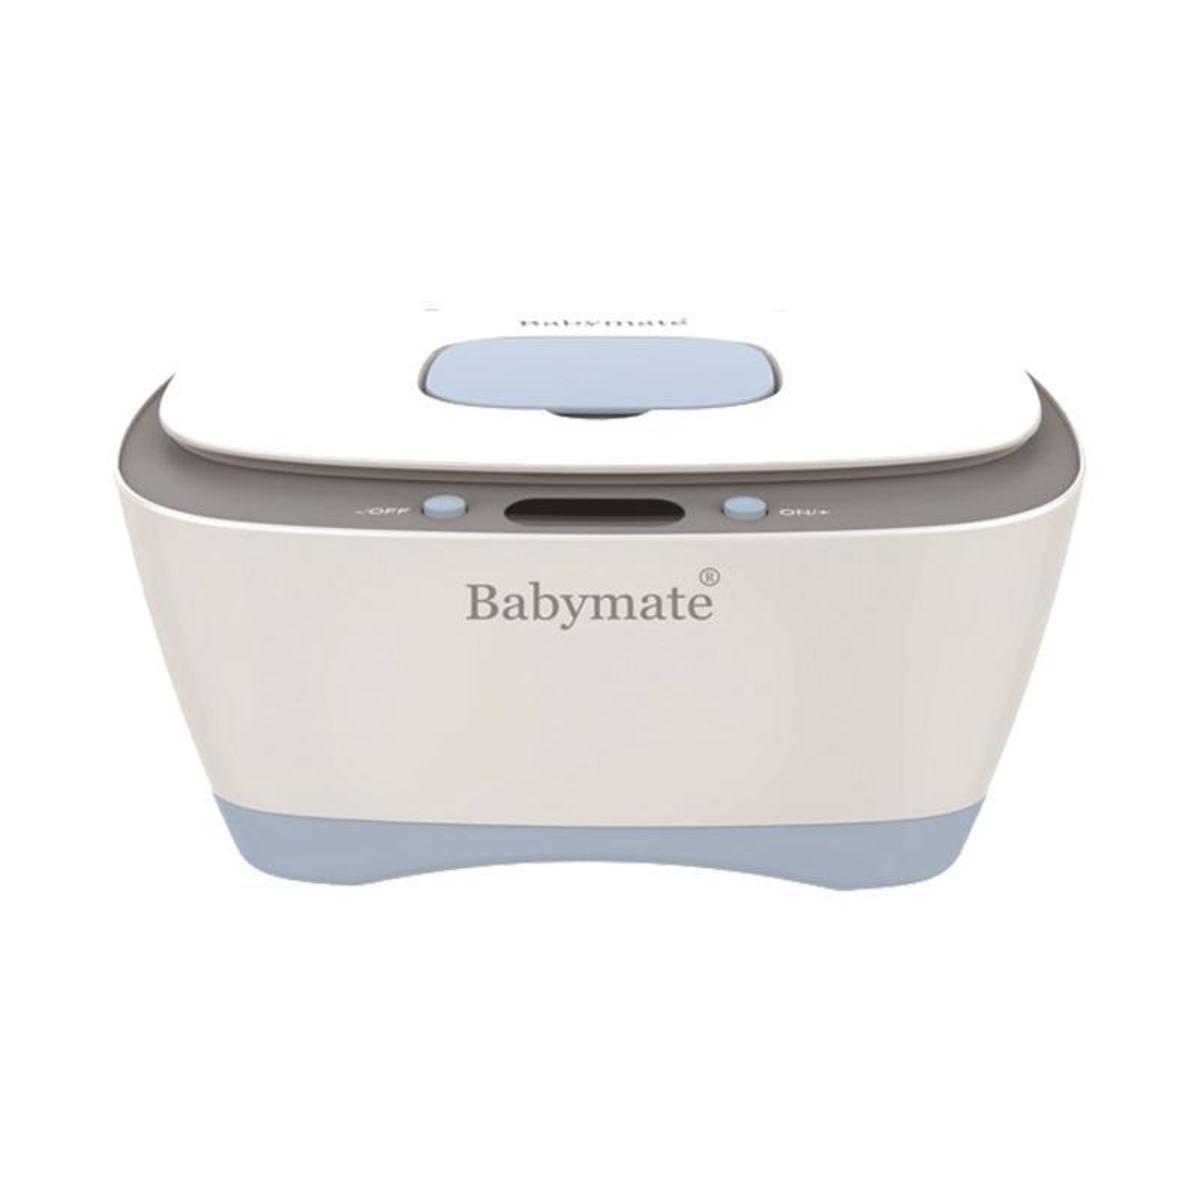 嬰兒濕紙巾保溫盒 - 粉藍色